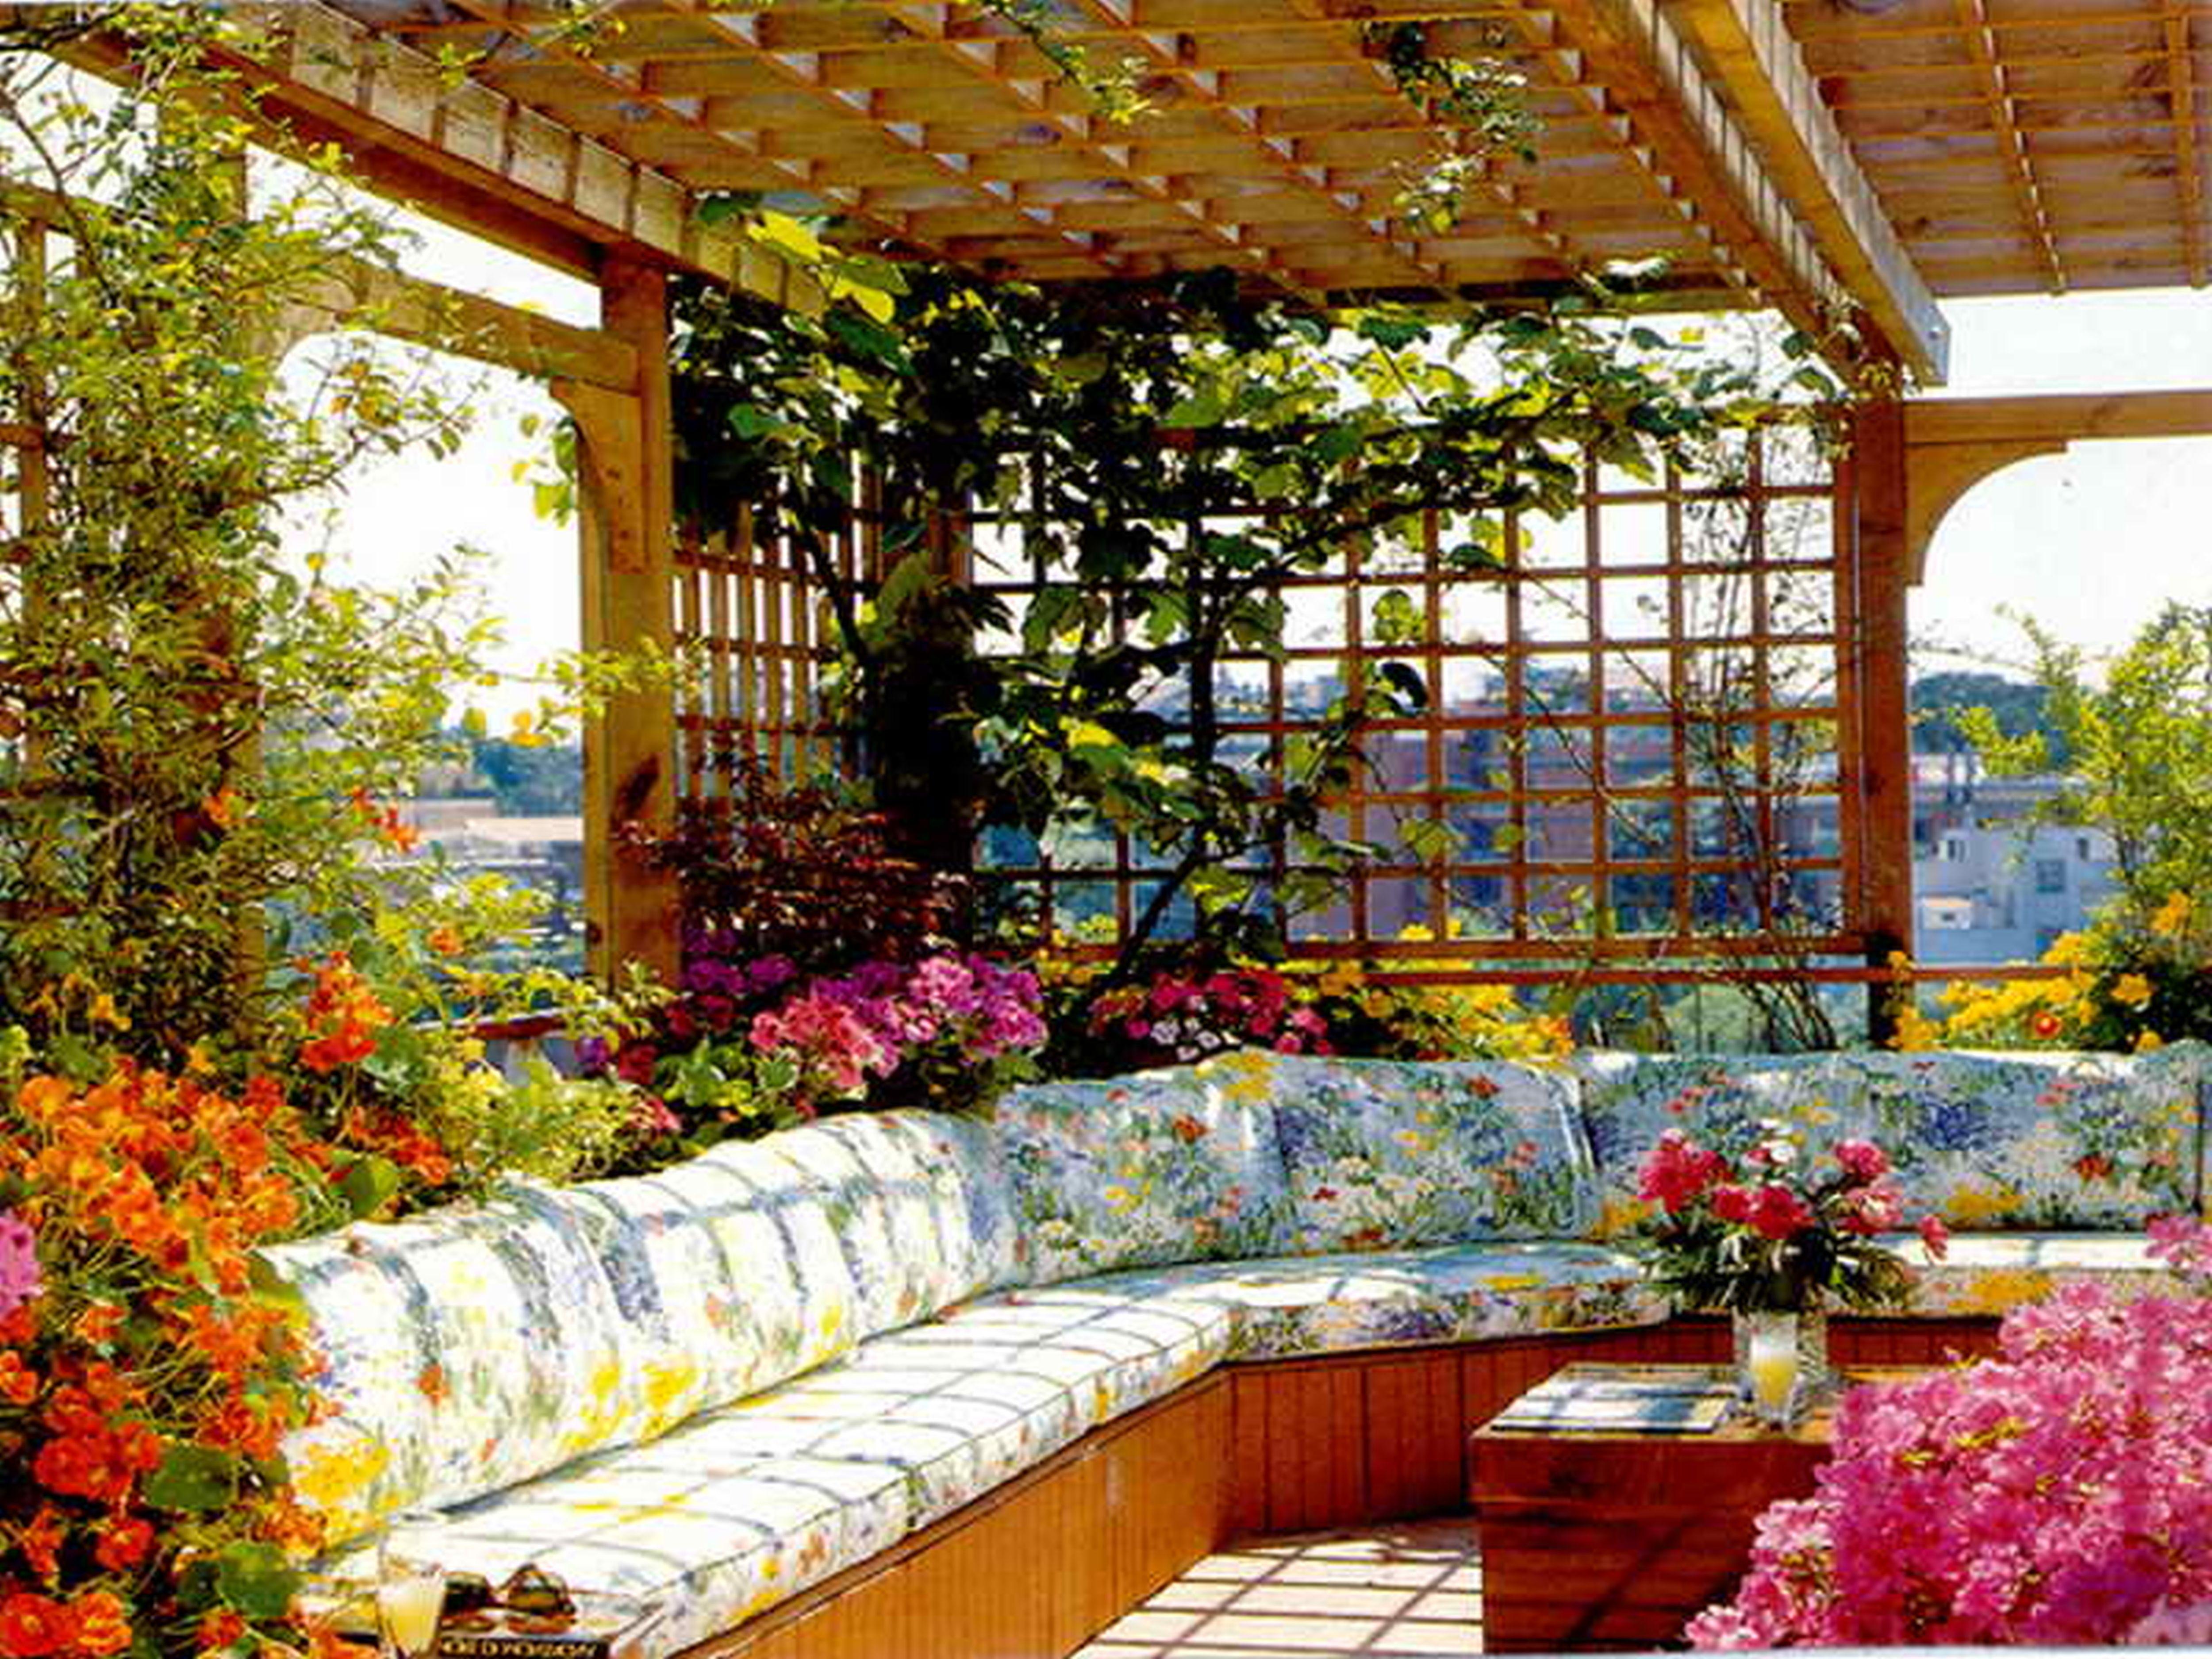 Best Rustic Rooftop Garden Furniture Ideas (Image 7 of 8)